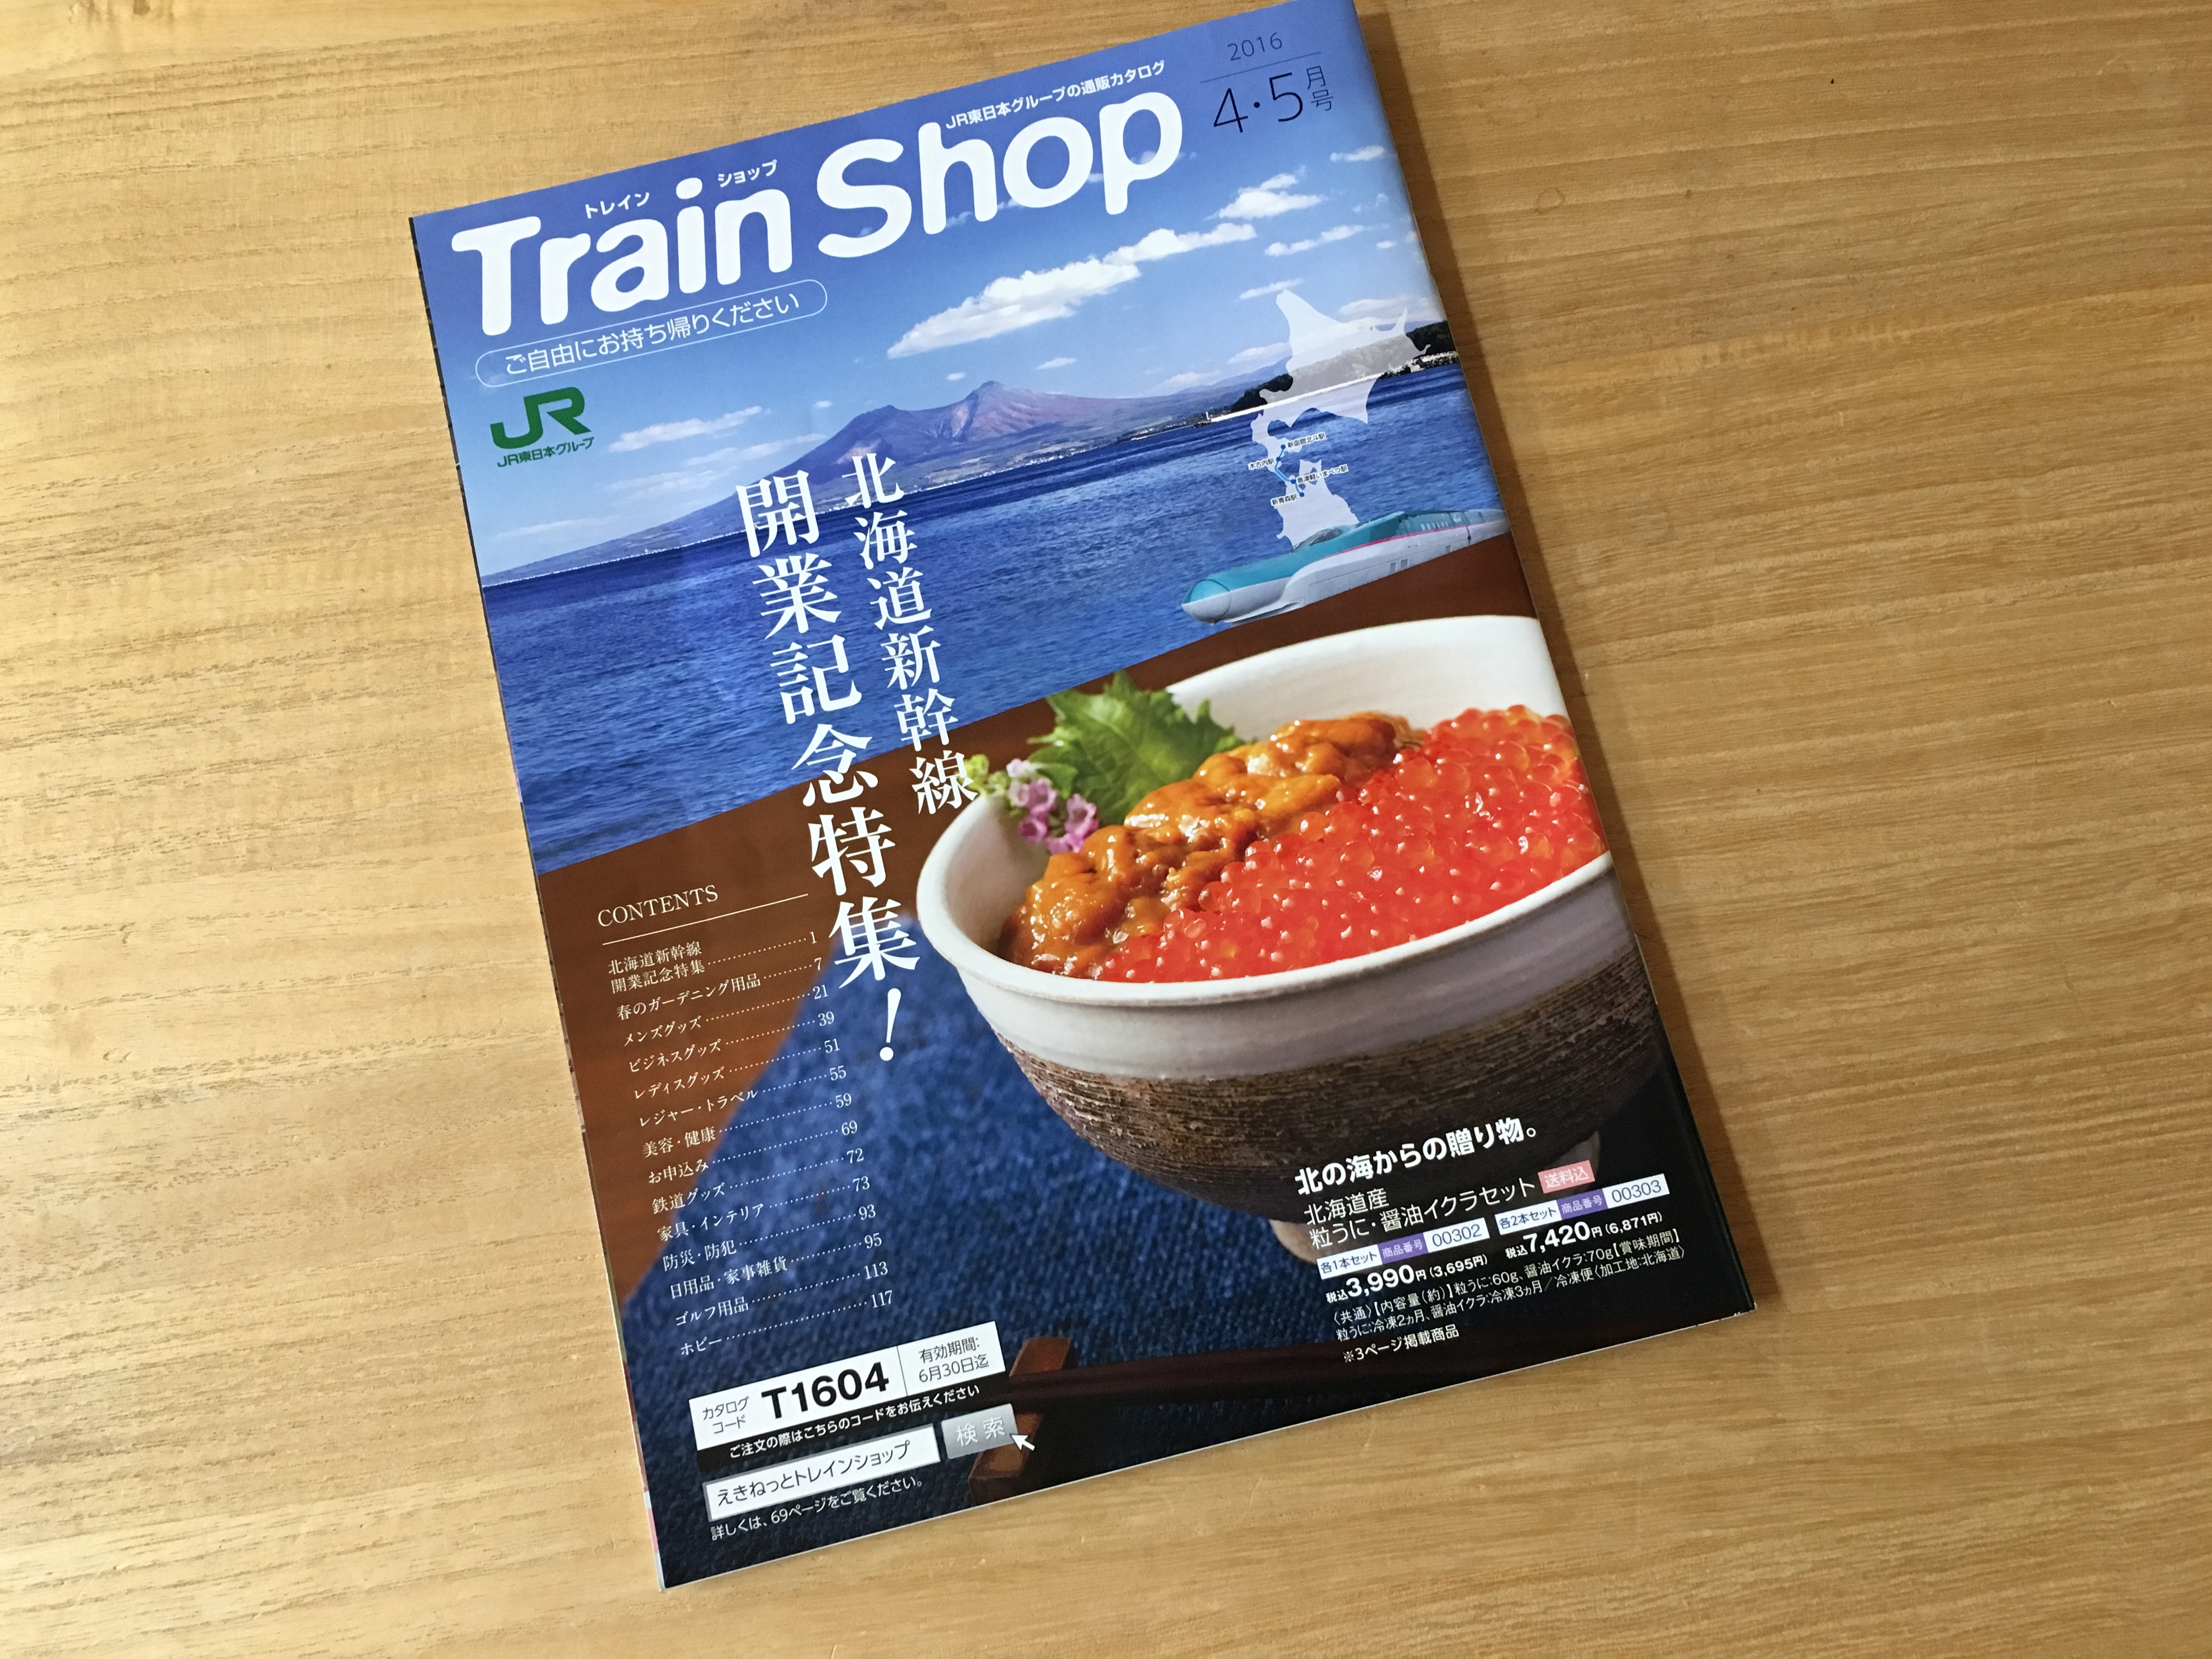 Train Shopカタログ